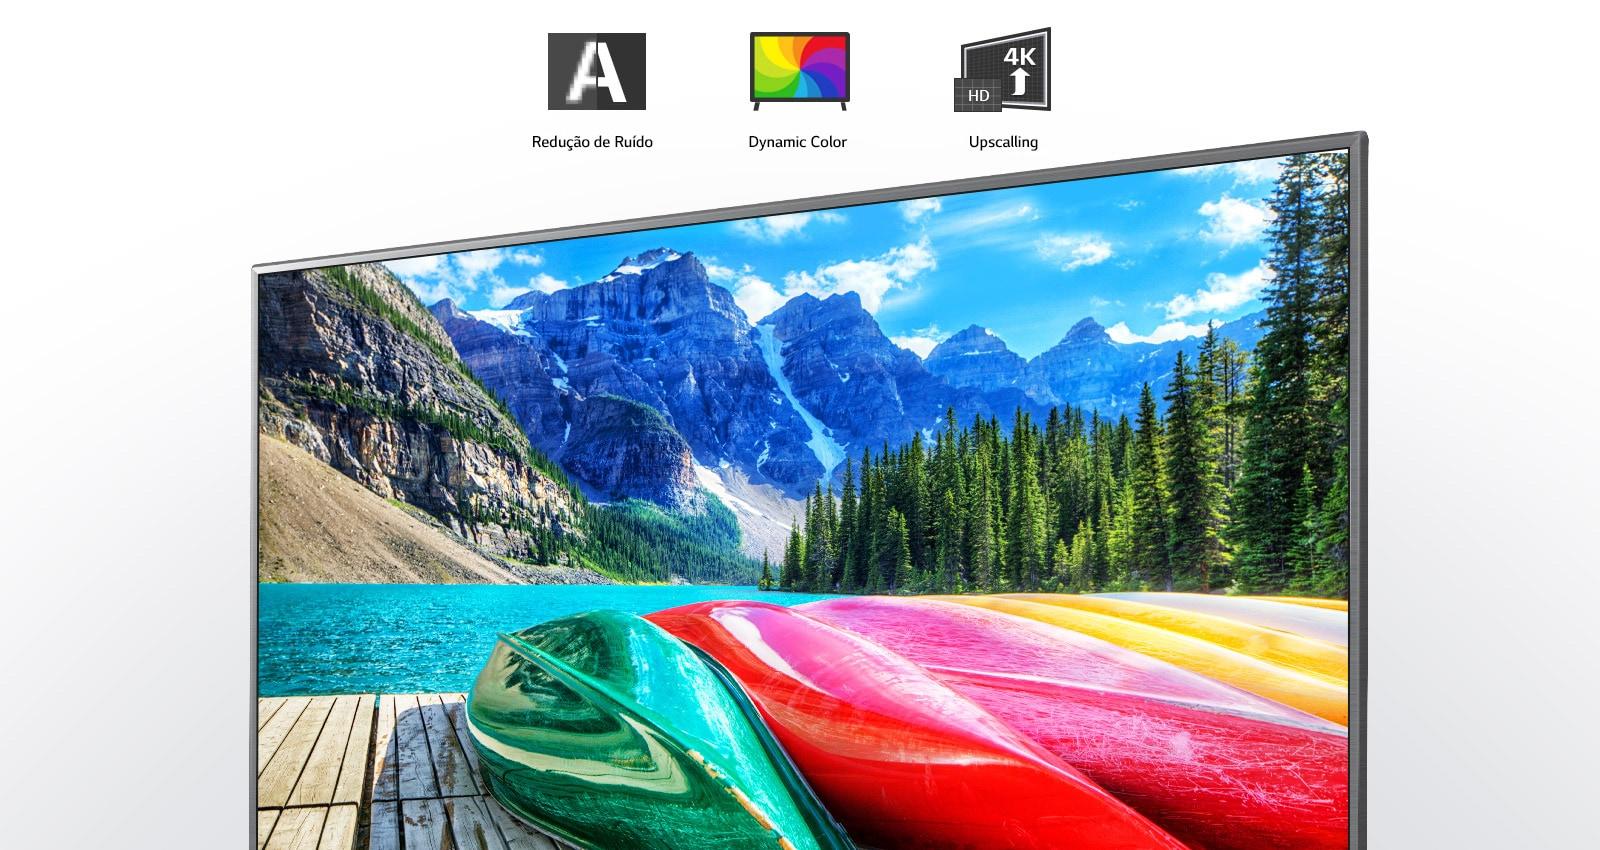 Ícones de redução de ruído, dynamic color e upscalling e também uma tela de TV mostrando uma cena da natureza com montanhas, uma floresta e um lago.